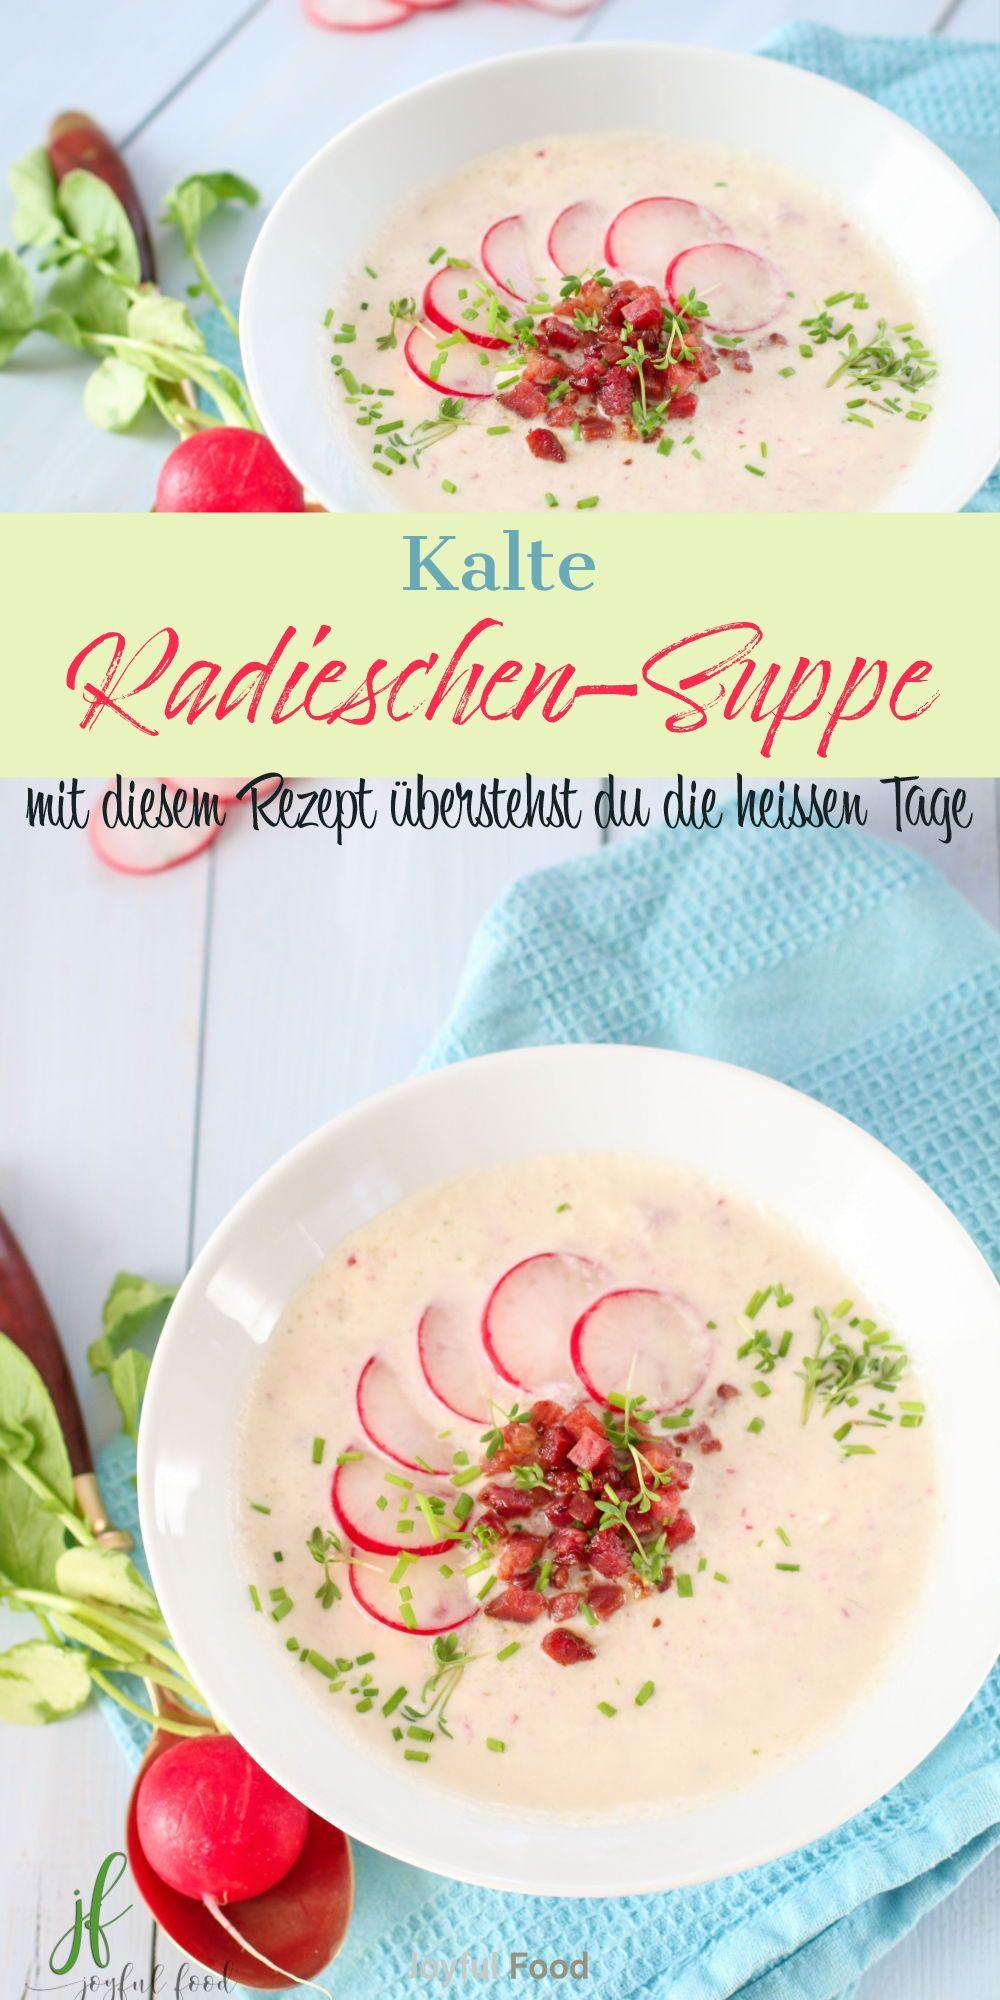 Kalte Radieschensuppe - wunderbar erfrischend   Joyful Food